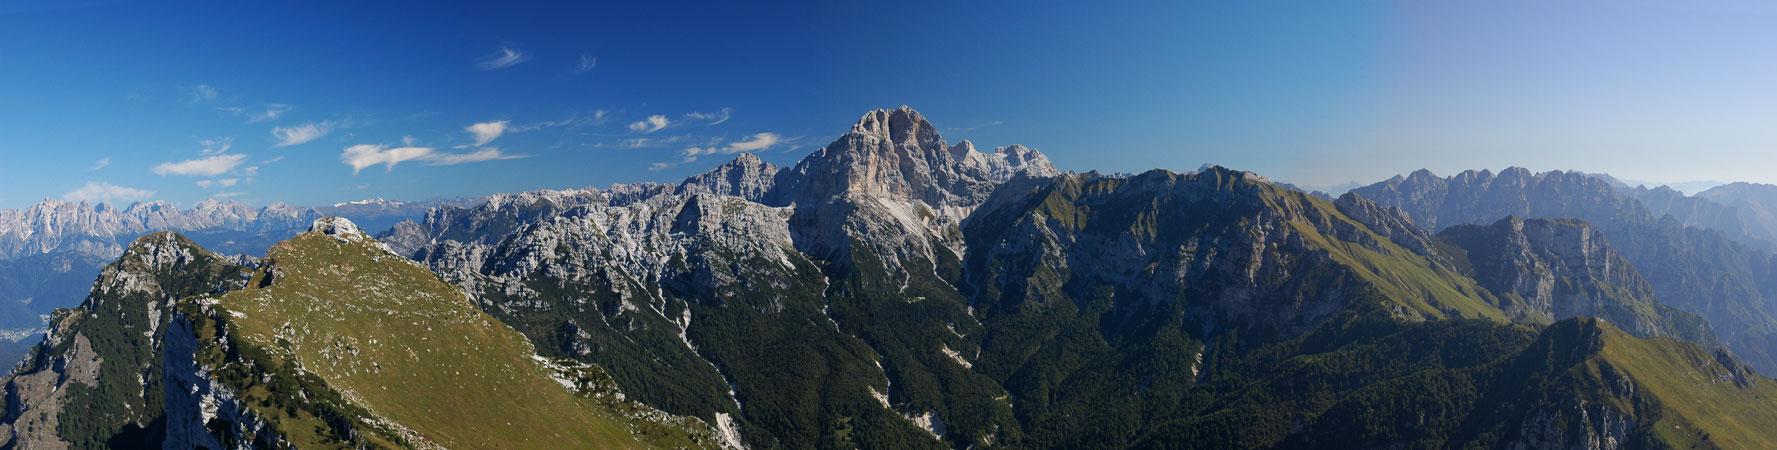 ... - Parco Naturale Regionale delle Dolomiti Friulane - foto panoramica: www.magicoveneto.it/Friuli/SP-Panoramiche/009-03_Borga.htm